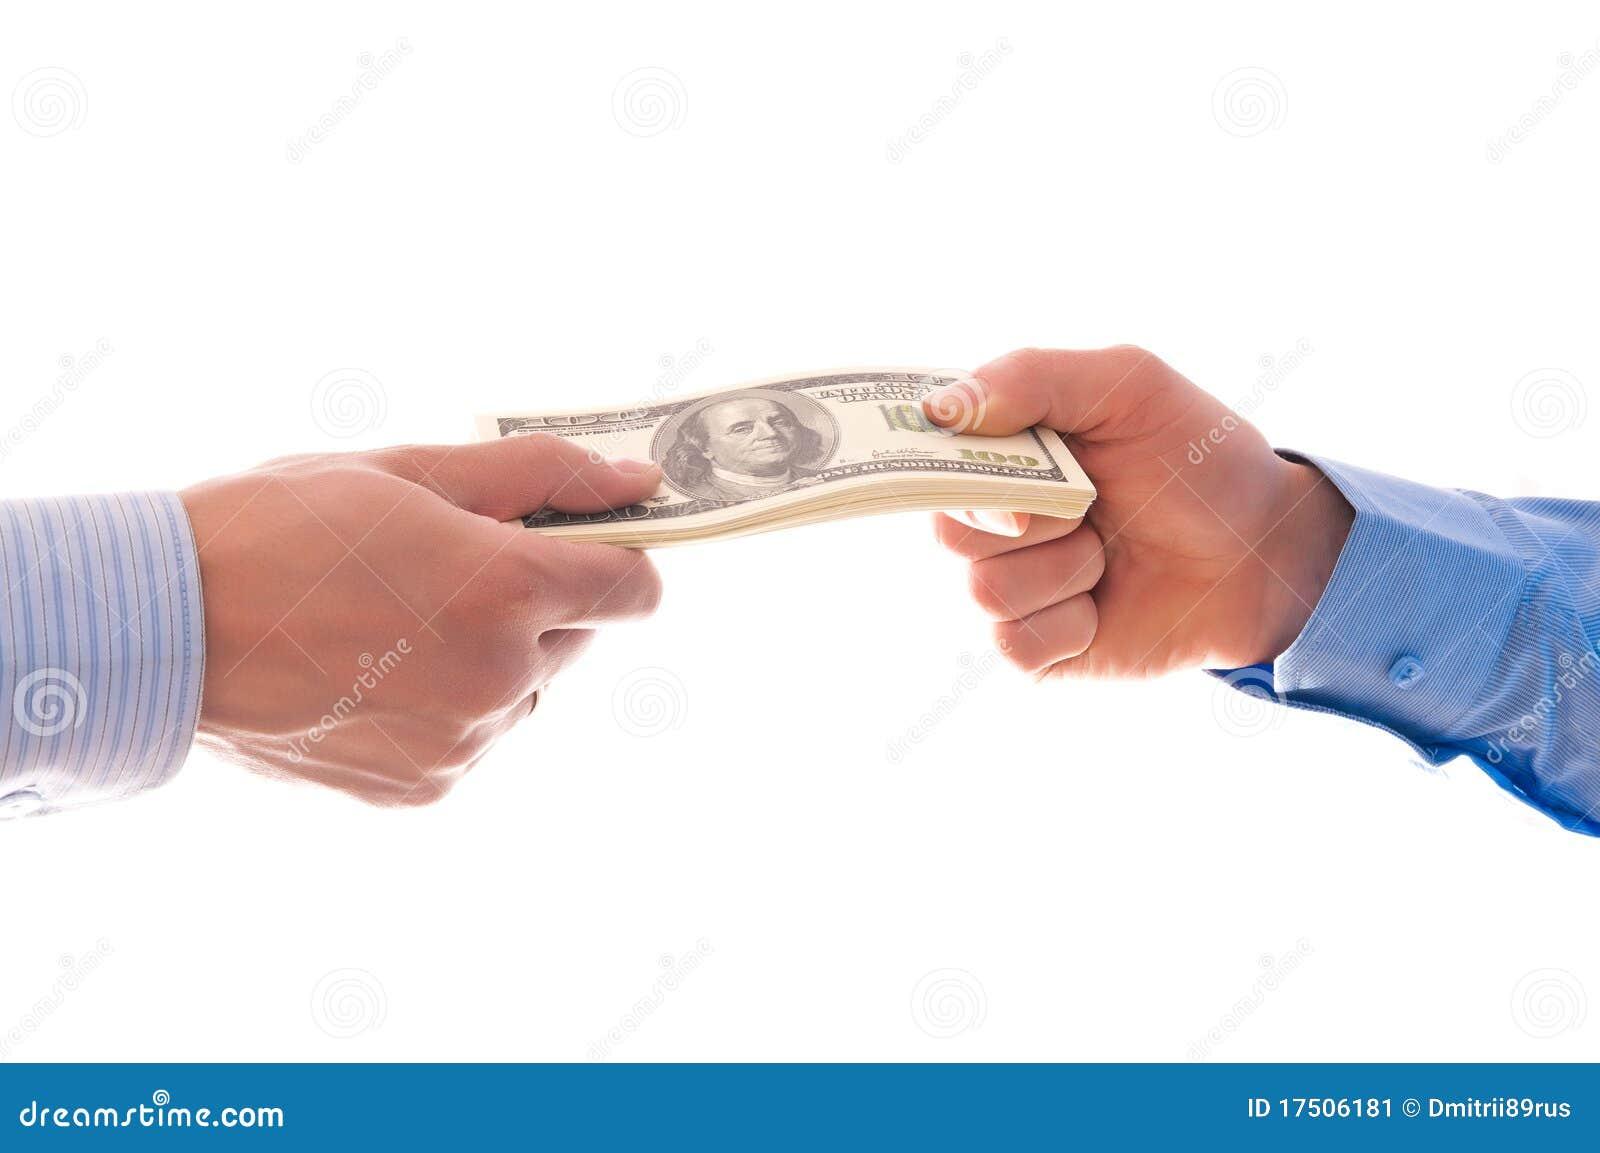 FIDELITY STOCK PLAN SERVICES, LLC Accepter votre dotation Lorsque vous recevez un titre, la plupart des compagnies devrez d'abord donner des instructions pour un transfert bancaire ou un chèque. Transiger (Vendre) vos actions Avant de pouvoir retirer votre argent, vous devez «vendre ou transiger» vos actions contre de l'argent.